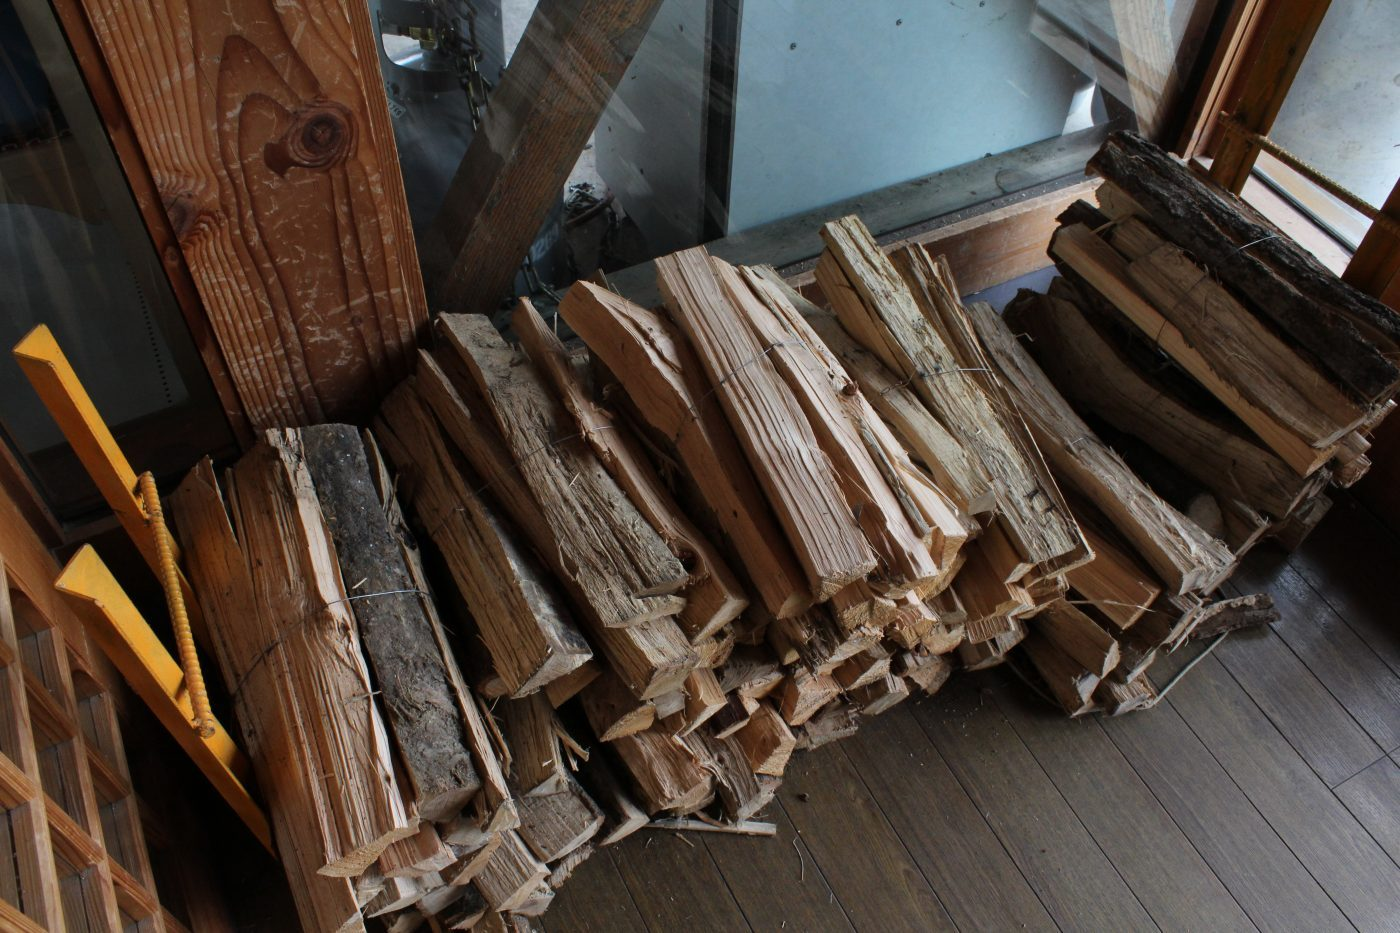 薪は一束400円。秋冬なら3束は必要。杉、雑木?